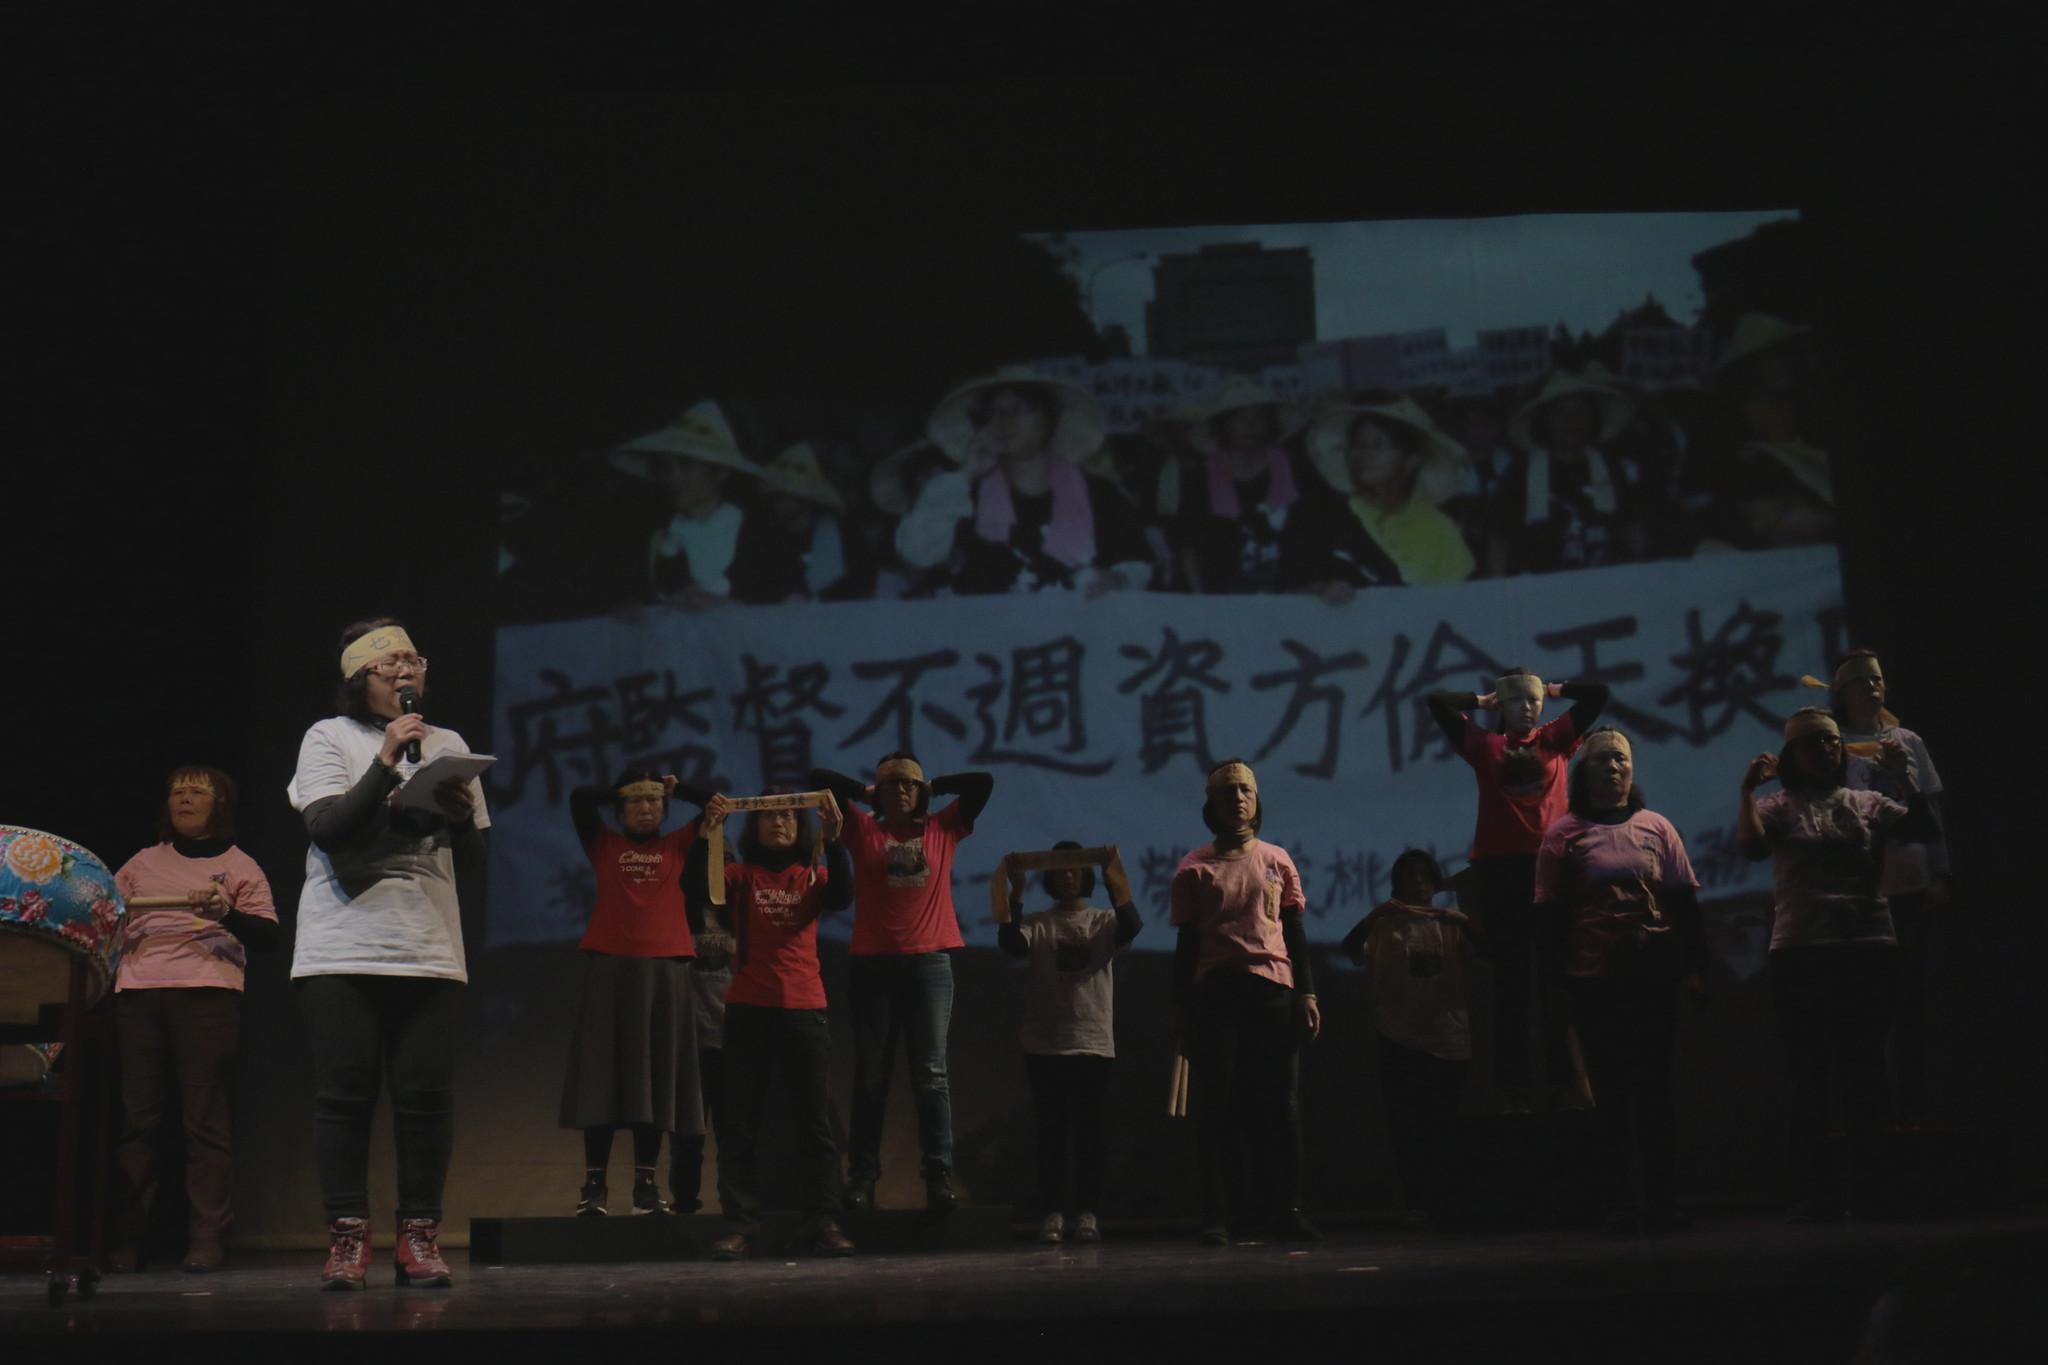 陳映真追思文藝晚會演繹《工人邱惠珍》。